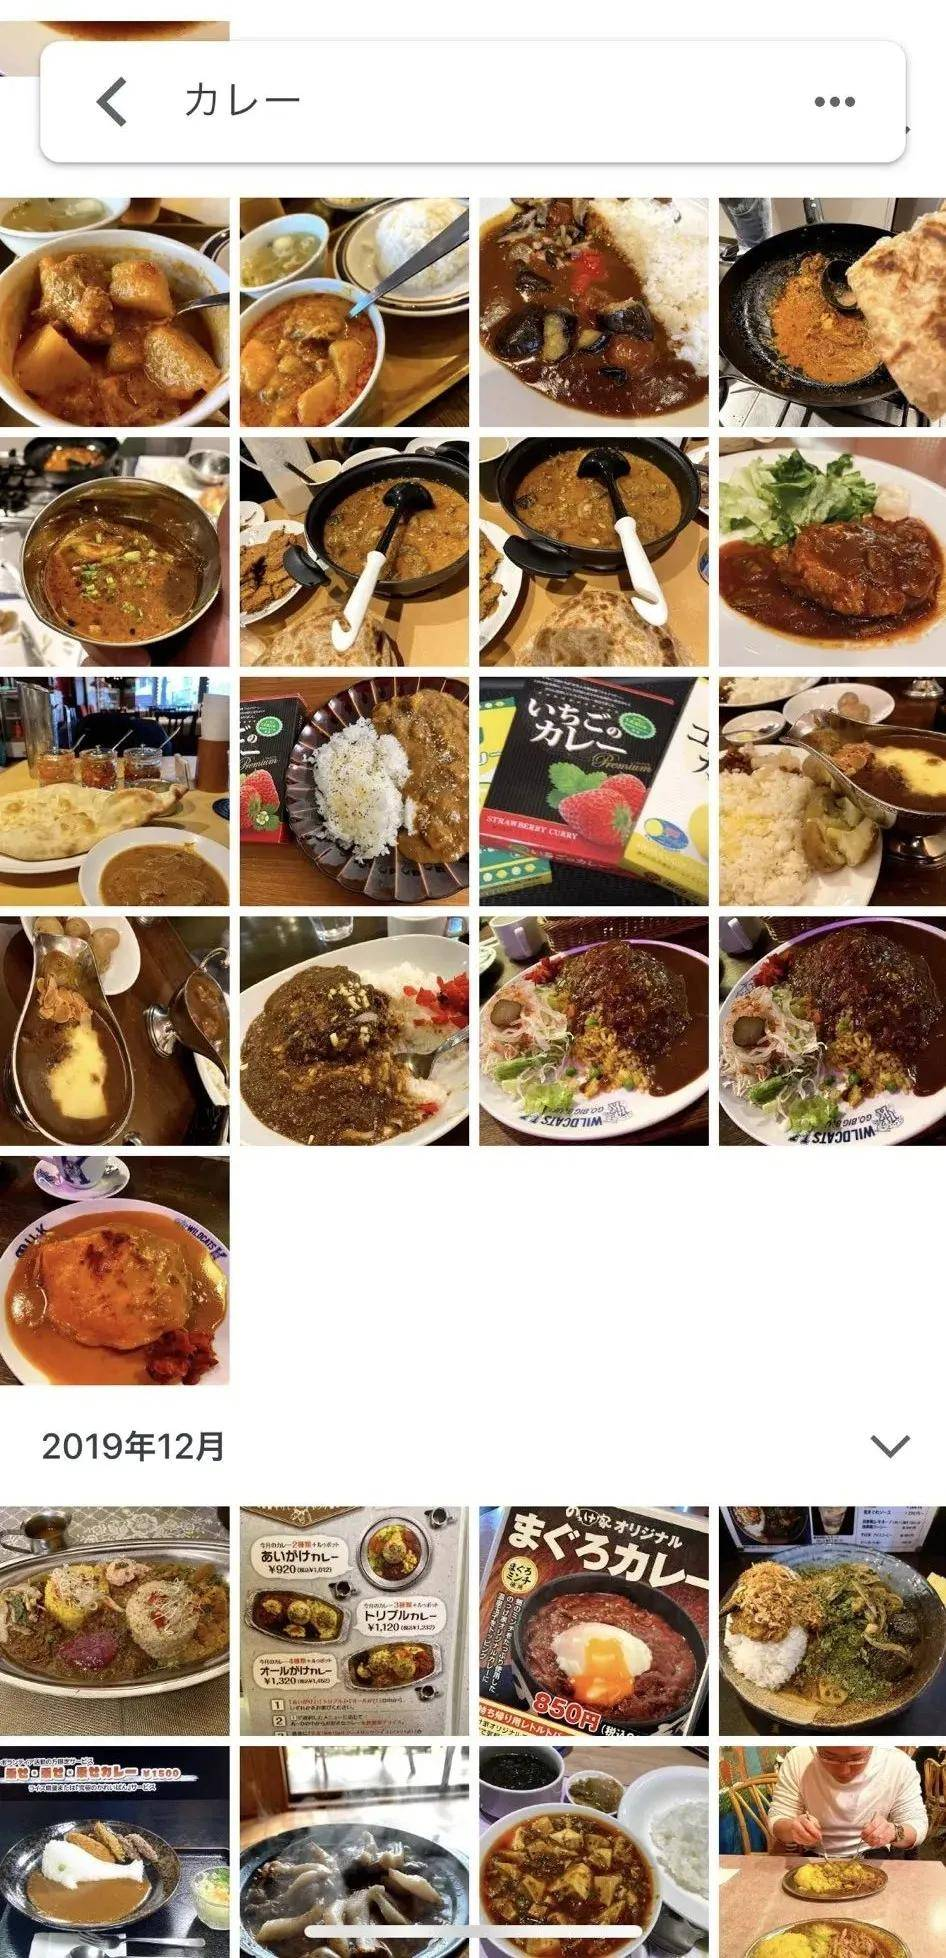 咖喱鸡肉土豆会胖吗图片